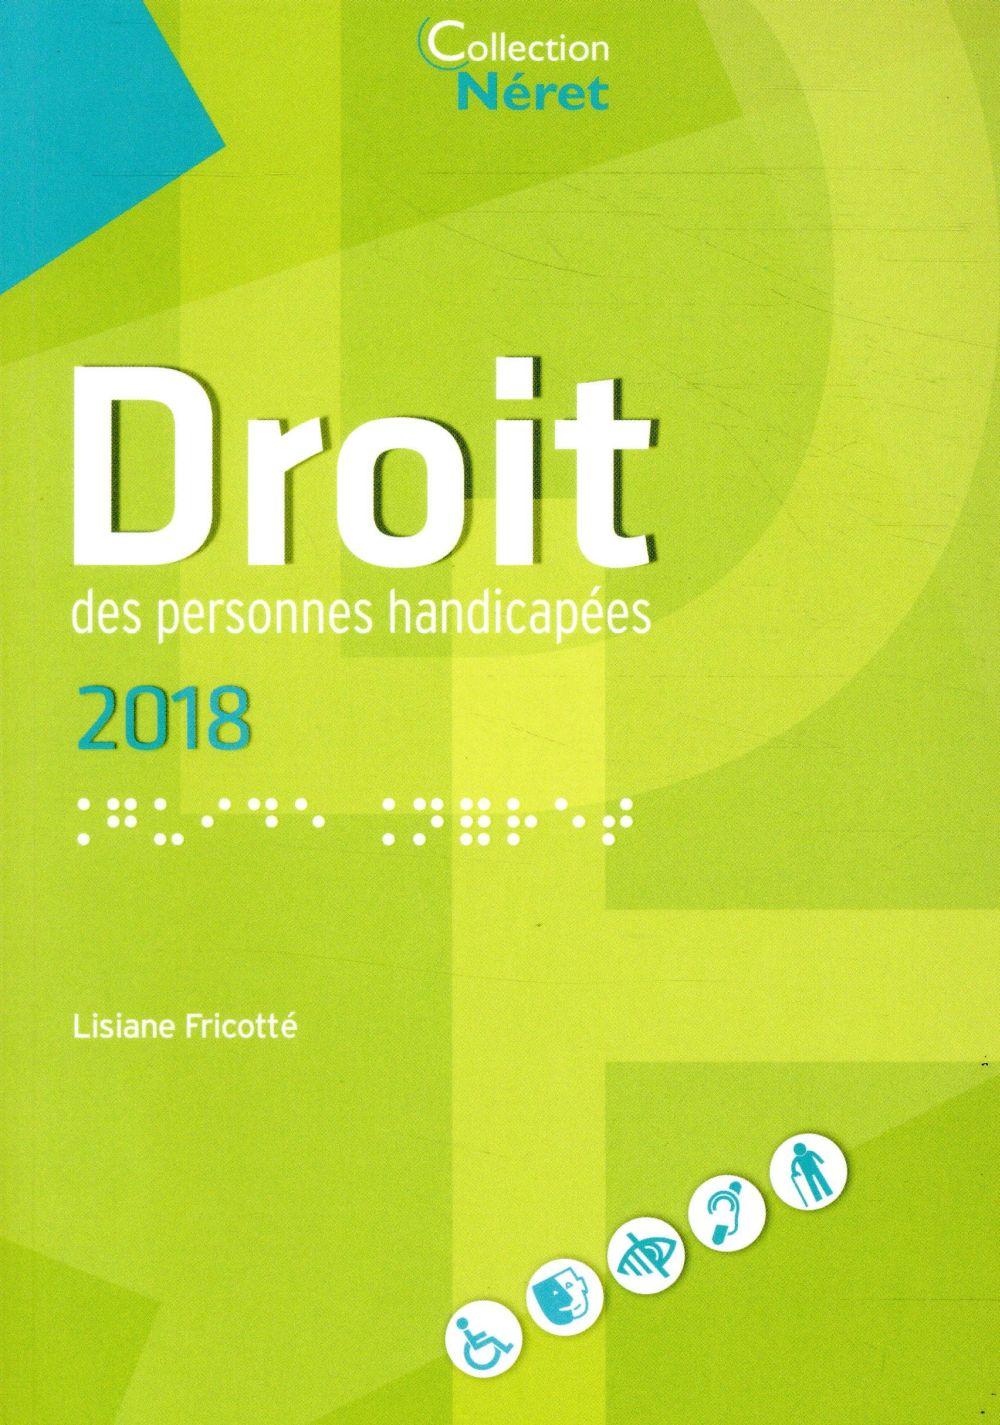 DROIT DES PERSONNES HANDICAPEES 2018